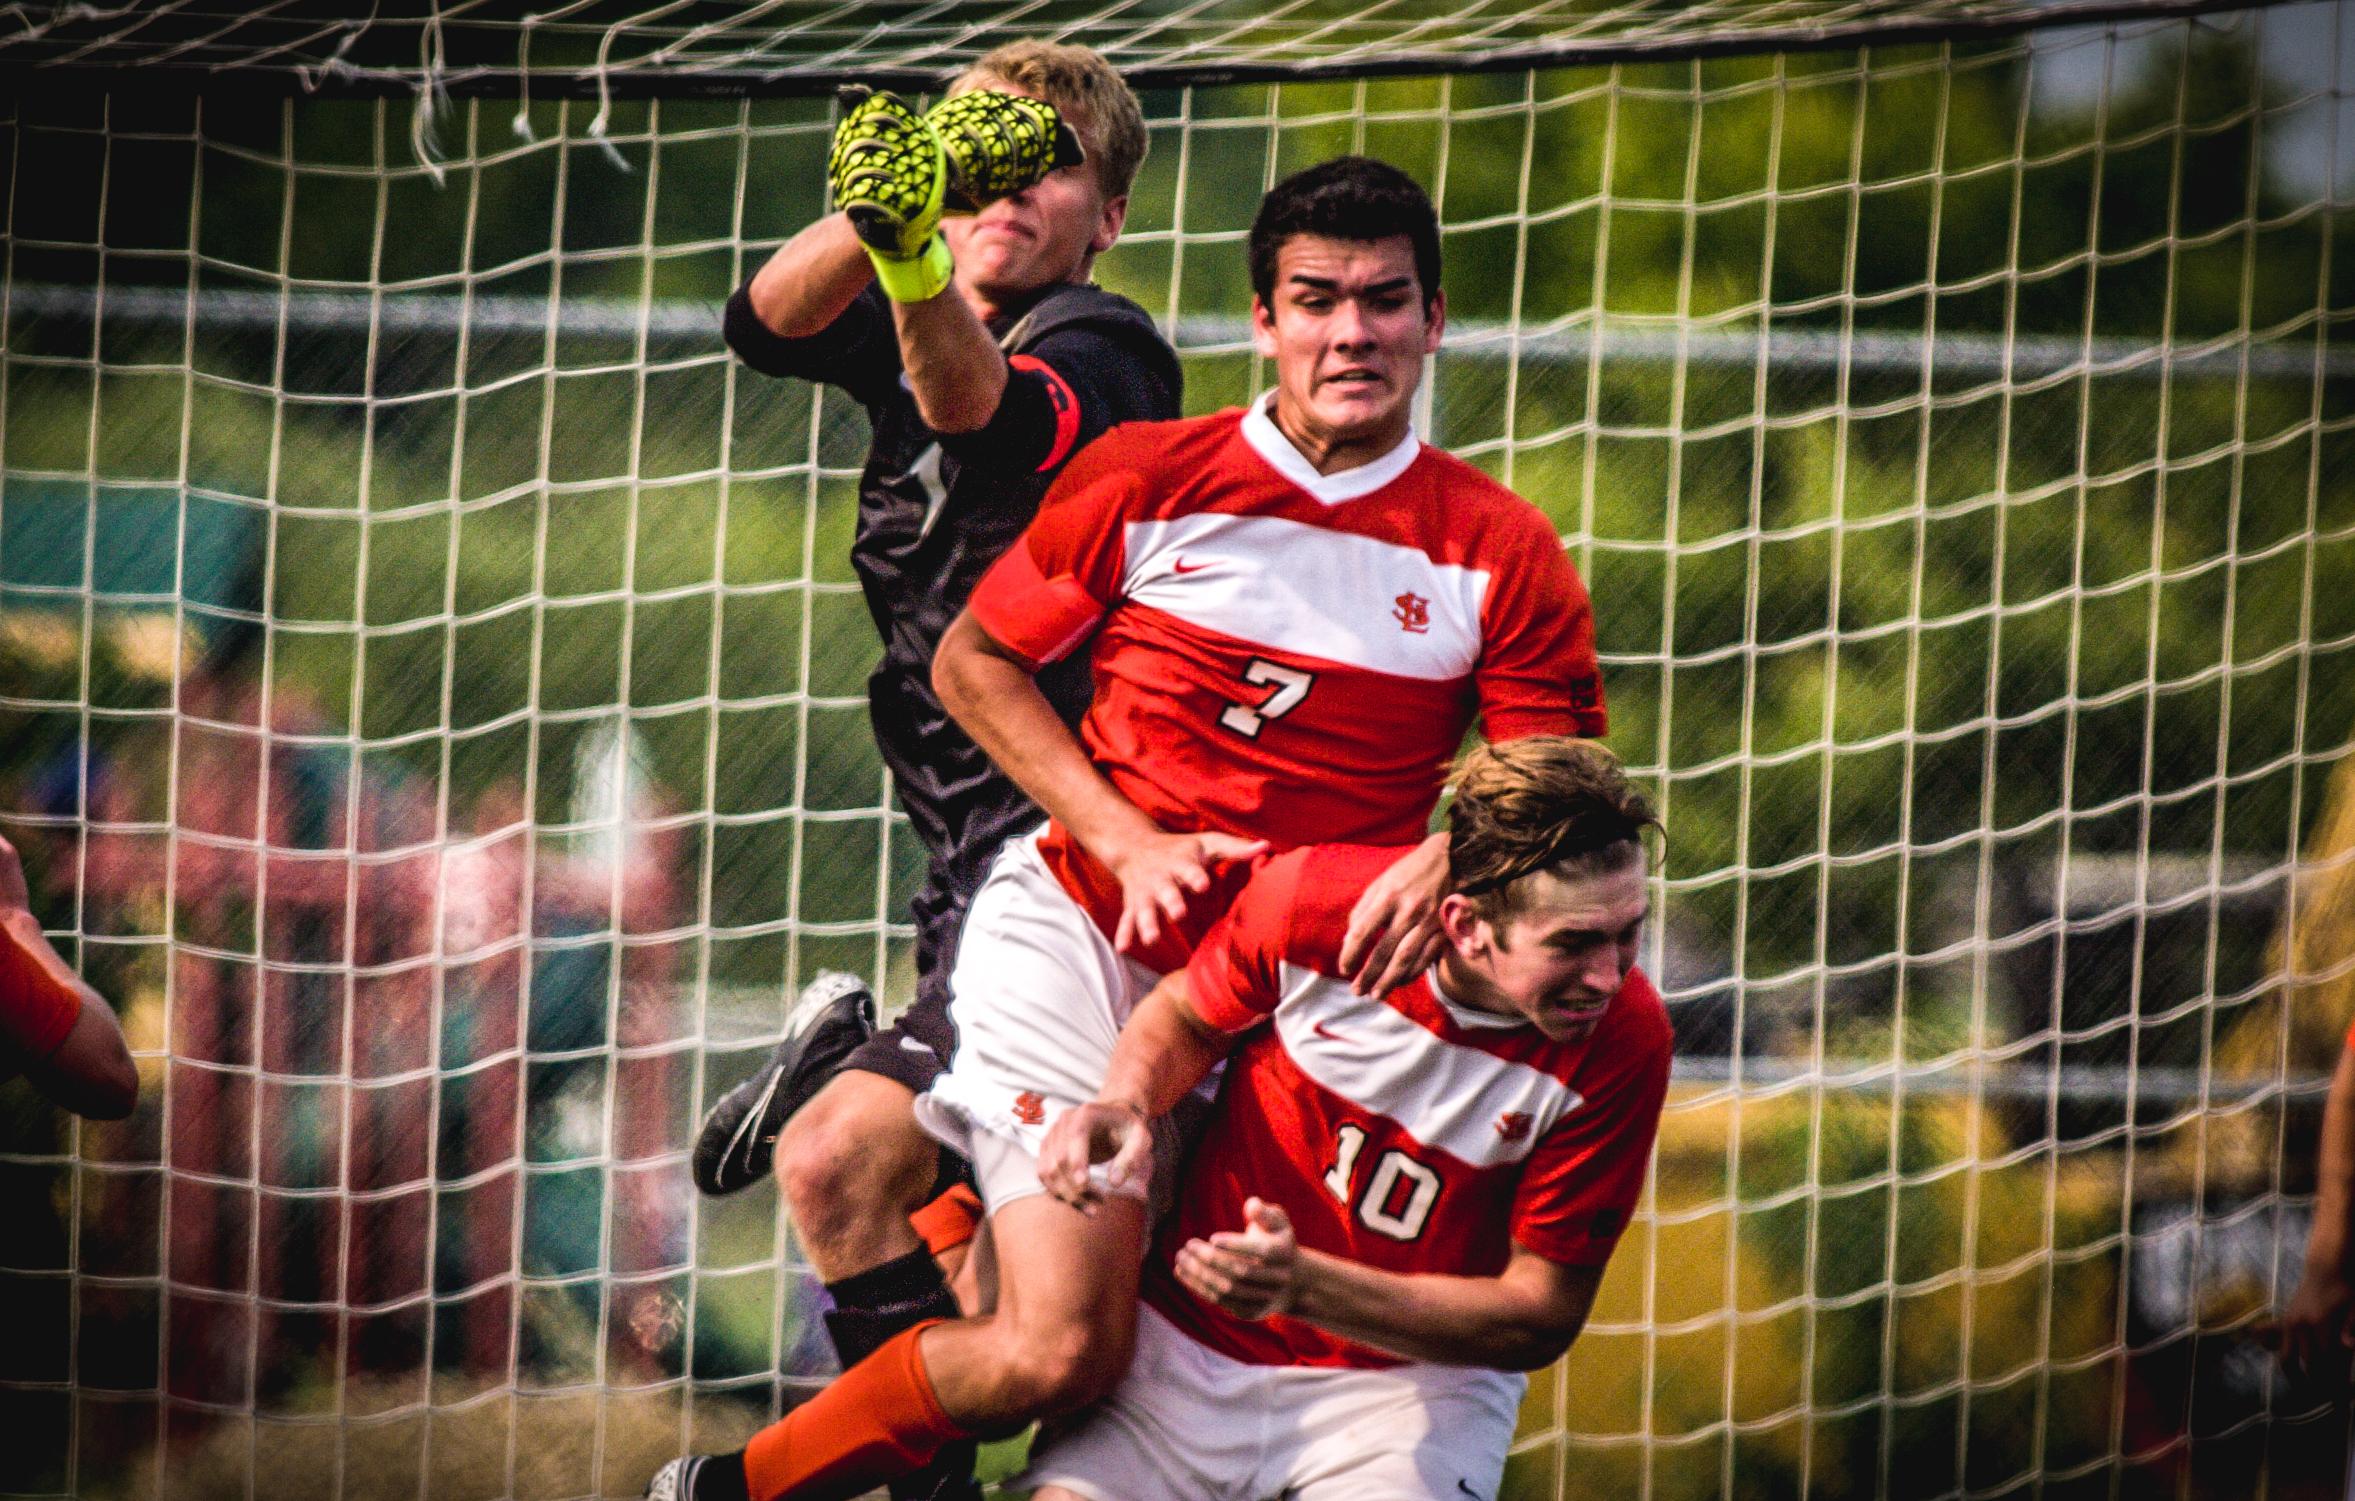 SLP Boys' Varsity Soccer